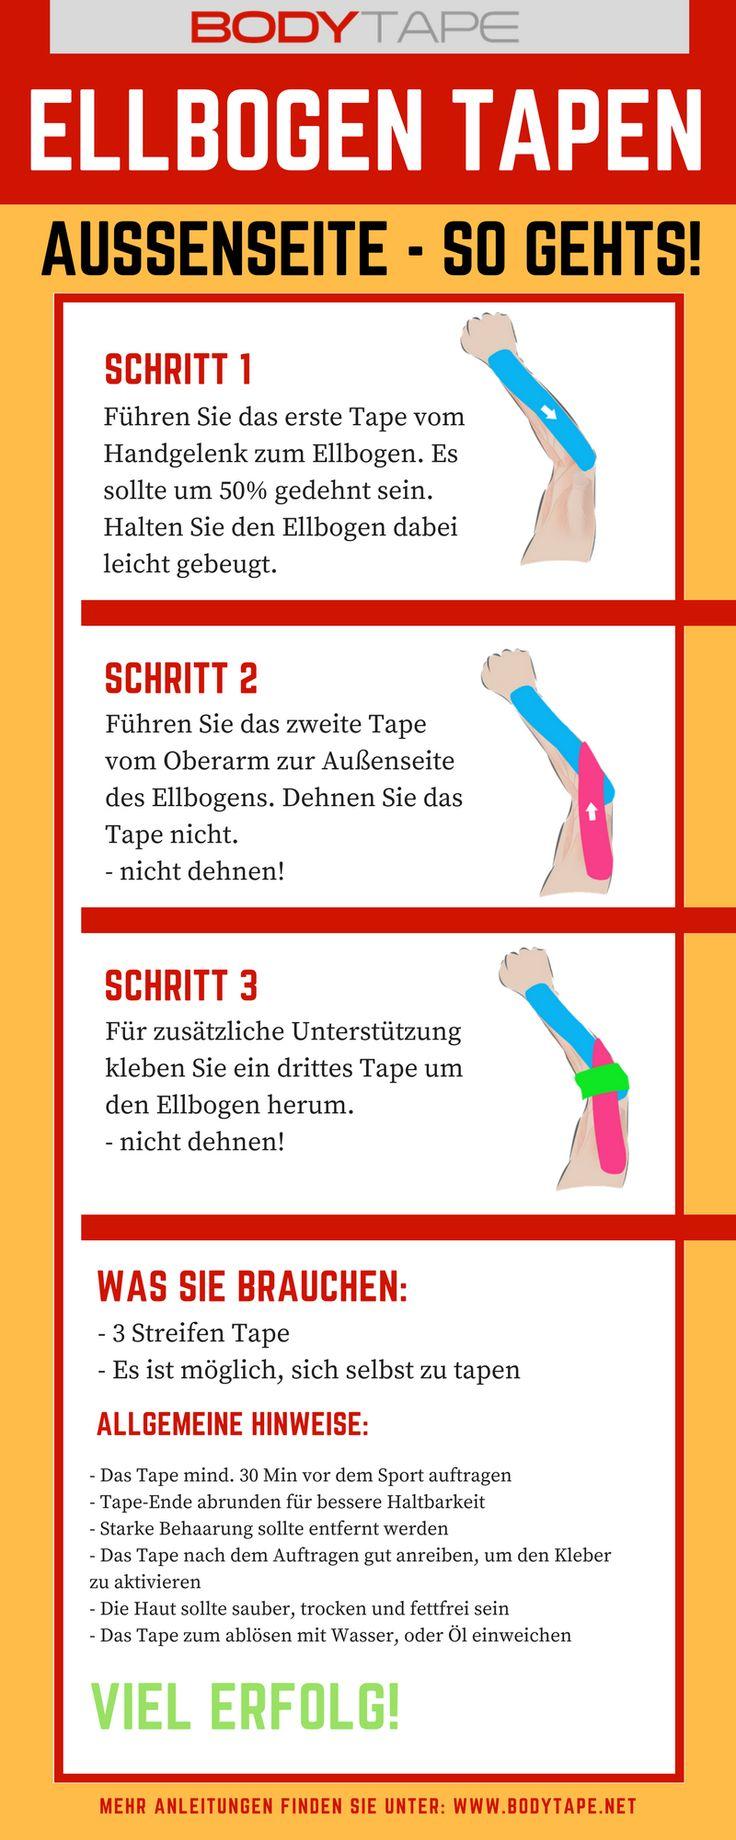 Ellbogen Tapen Außenseite Anleitung - Kinesiologie Tape Anleitung für Ellbogen Außenseite  Mehr Anleitungen : www.taping-guide.com